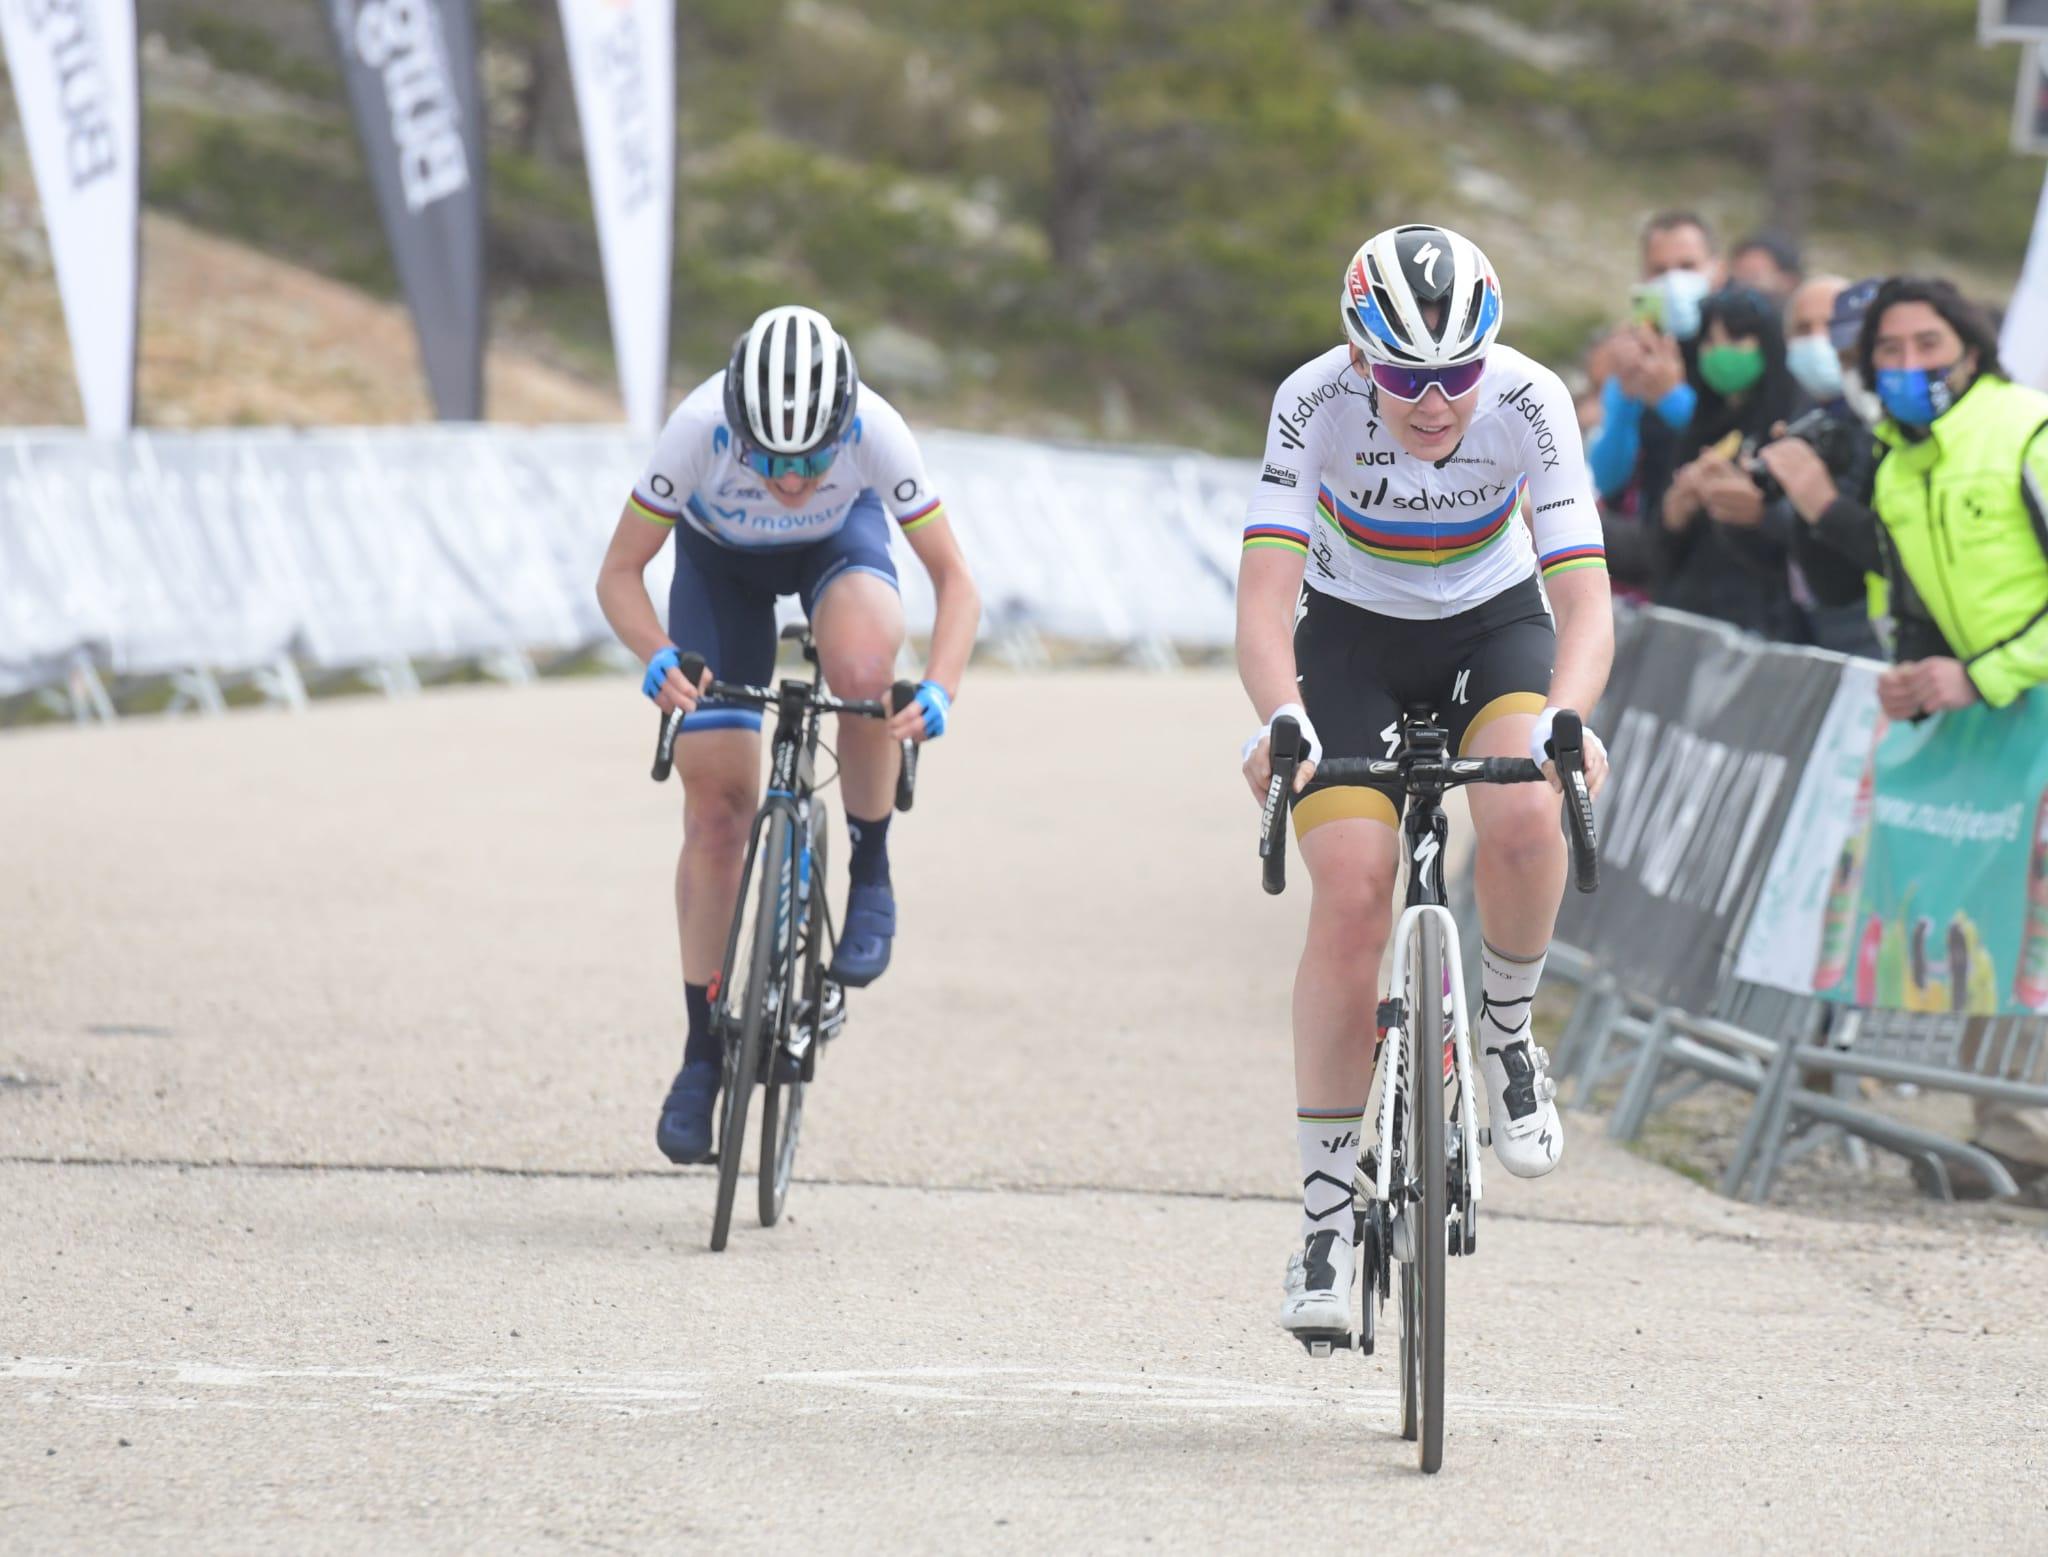 Concluye Arlenis en el puesto 22 de la VI Vuelta a Burgos